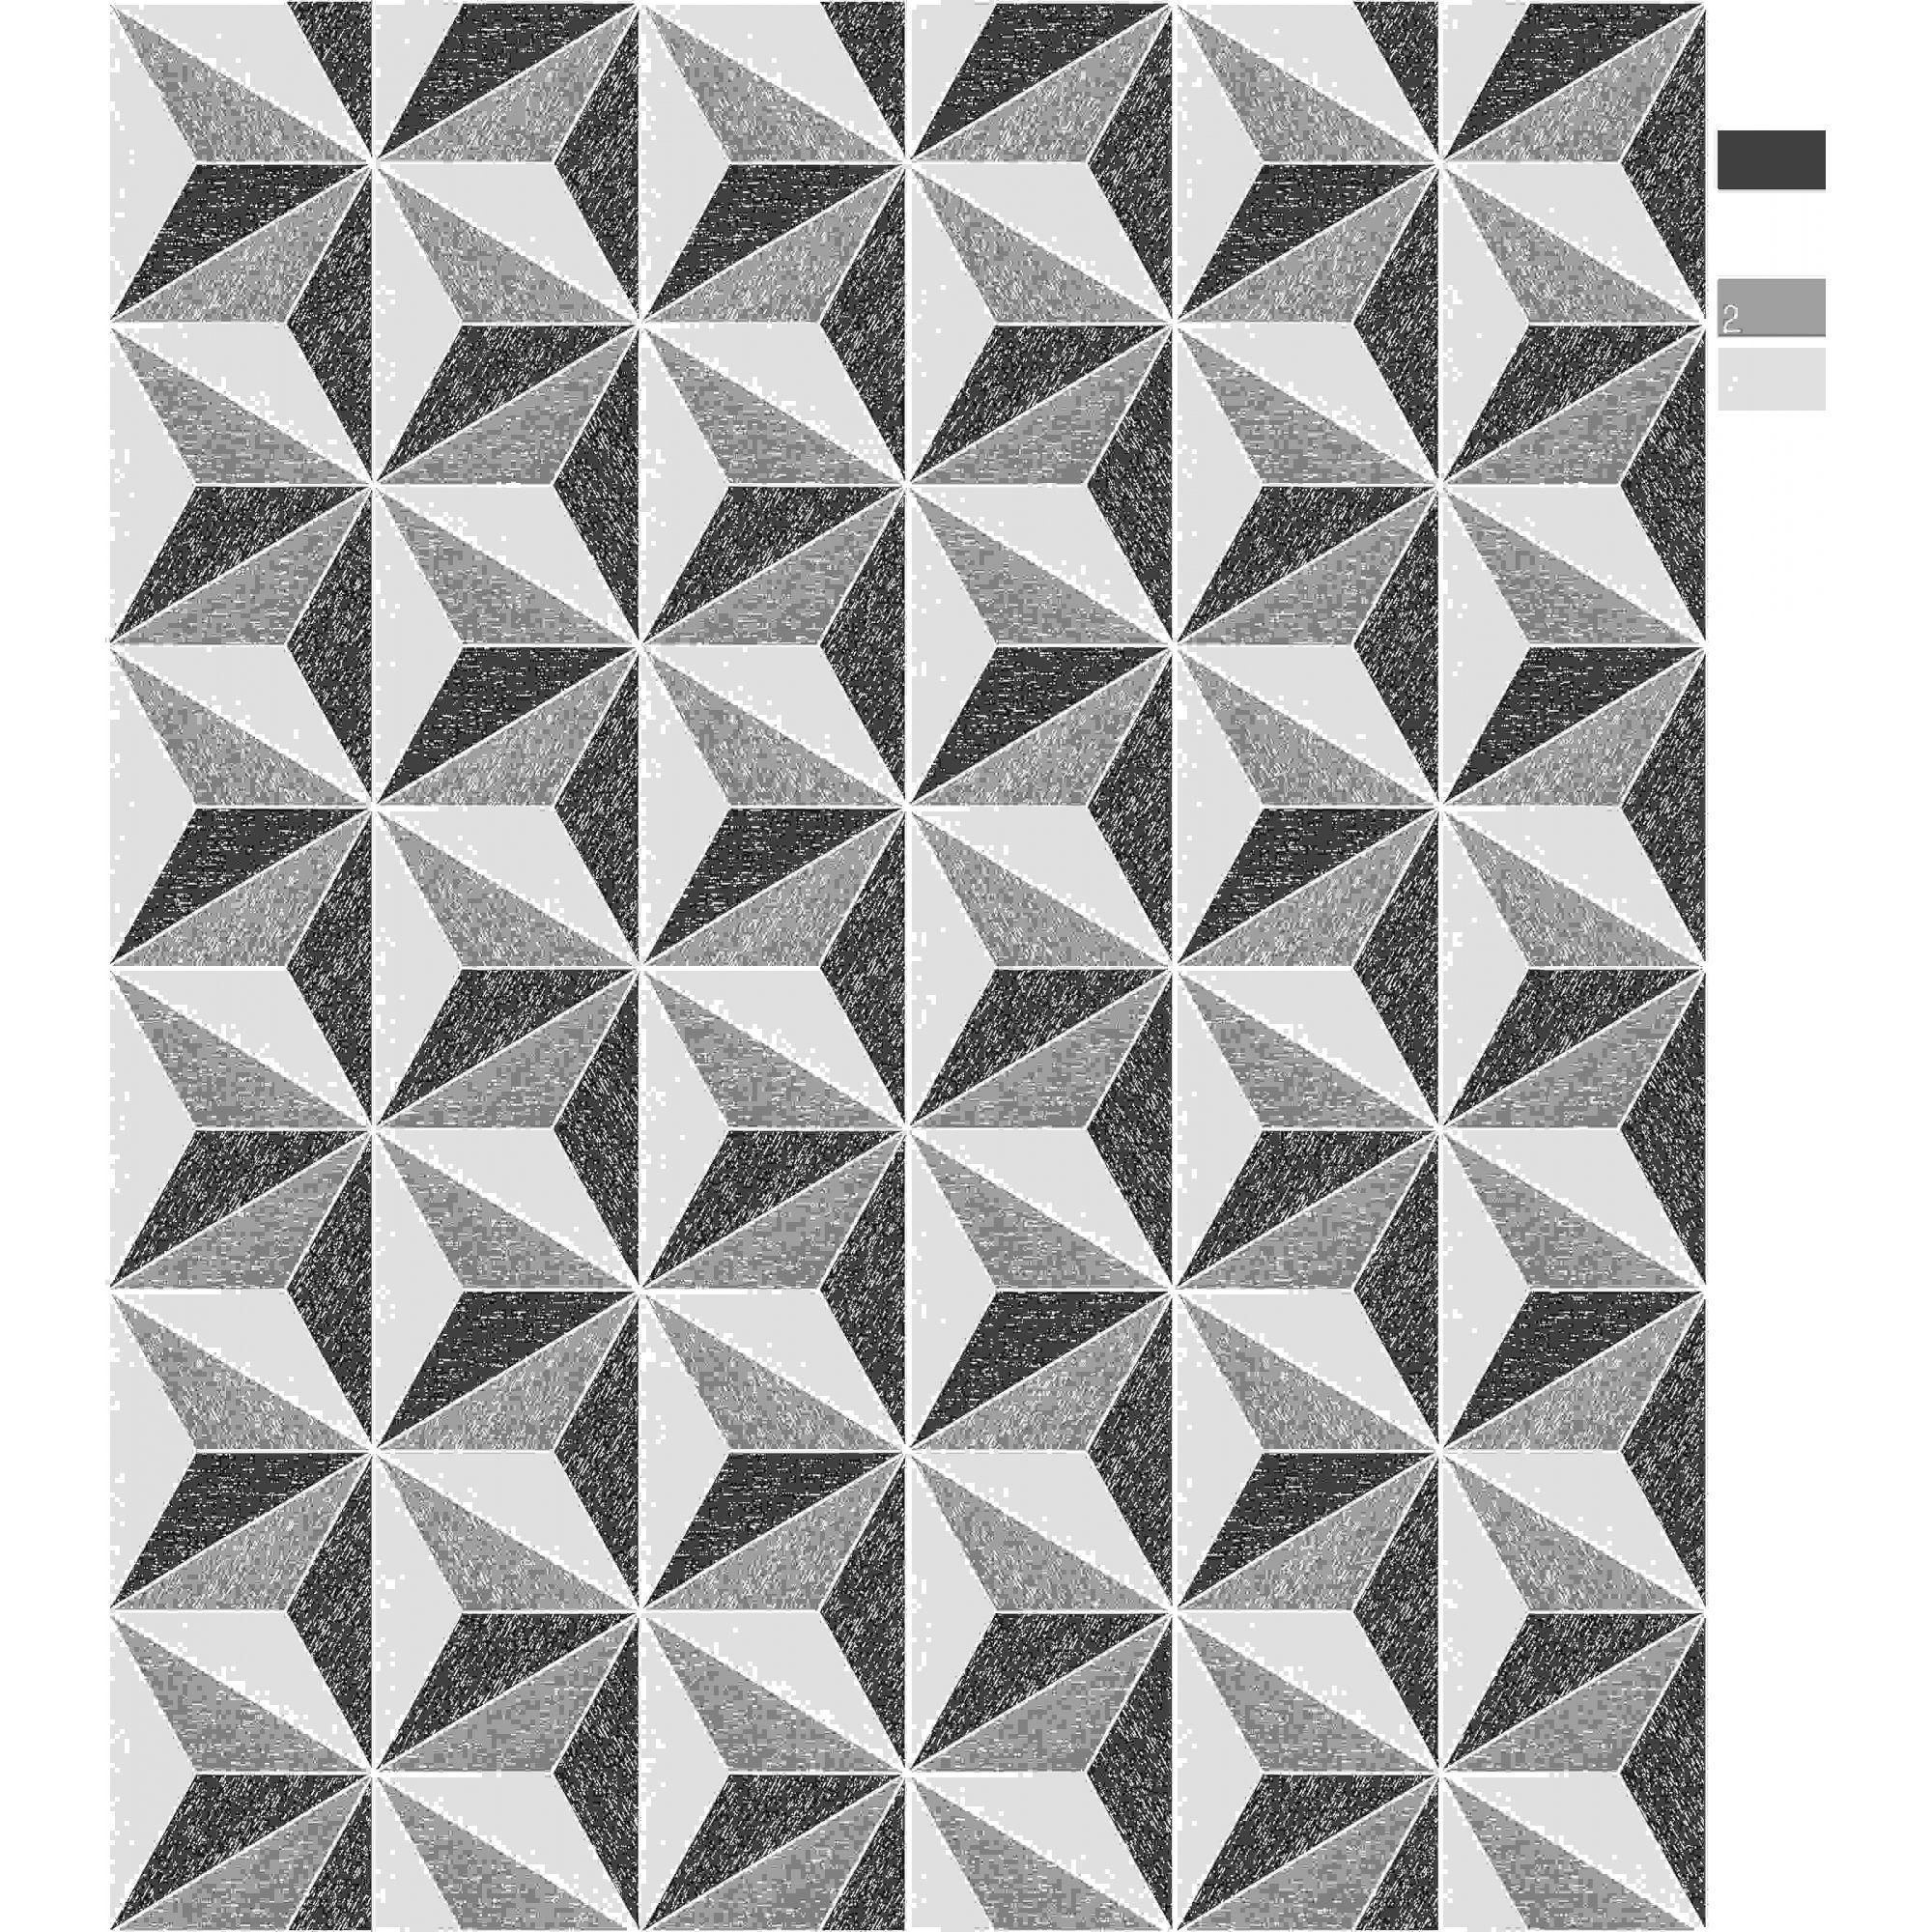 Papel de Parede Kan Tai Vinílico Coleção Neonature 5 Geométrico 3D Estrela Marrom, Cinza, Creme